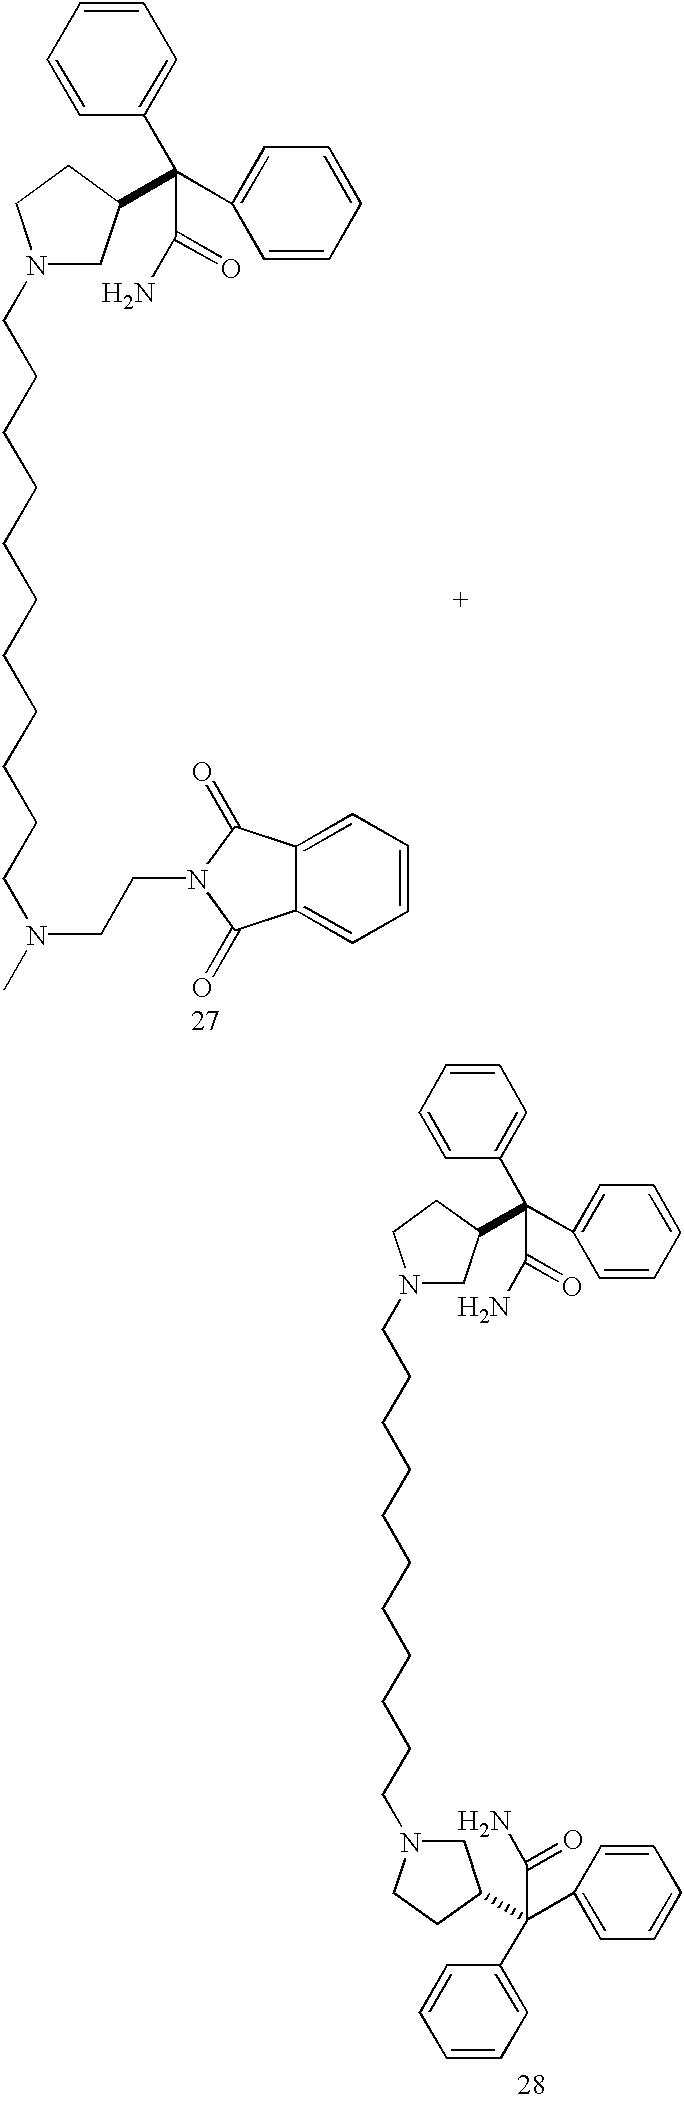 Figure US06693202-20040217-C00145